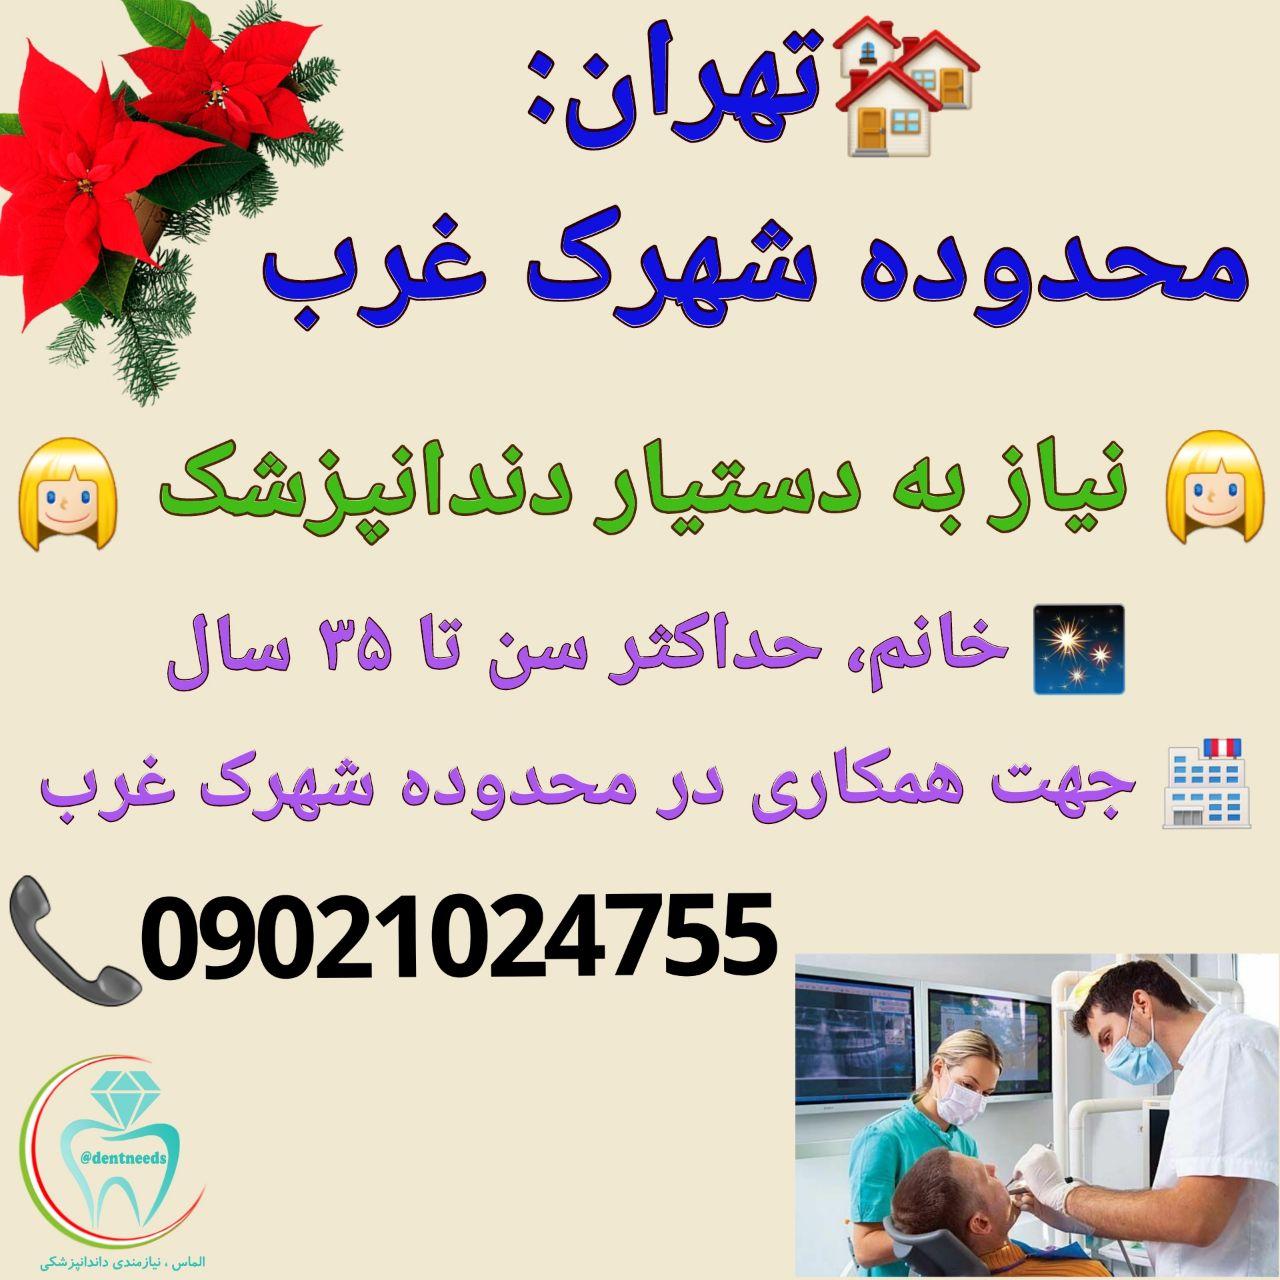 تهران: محدوده شهرک غرب، نیاز به دستیار دندانپزشک